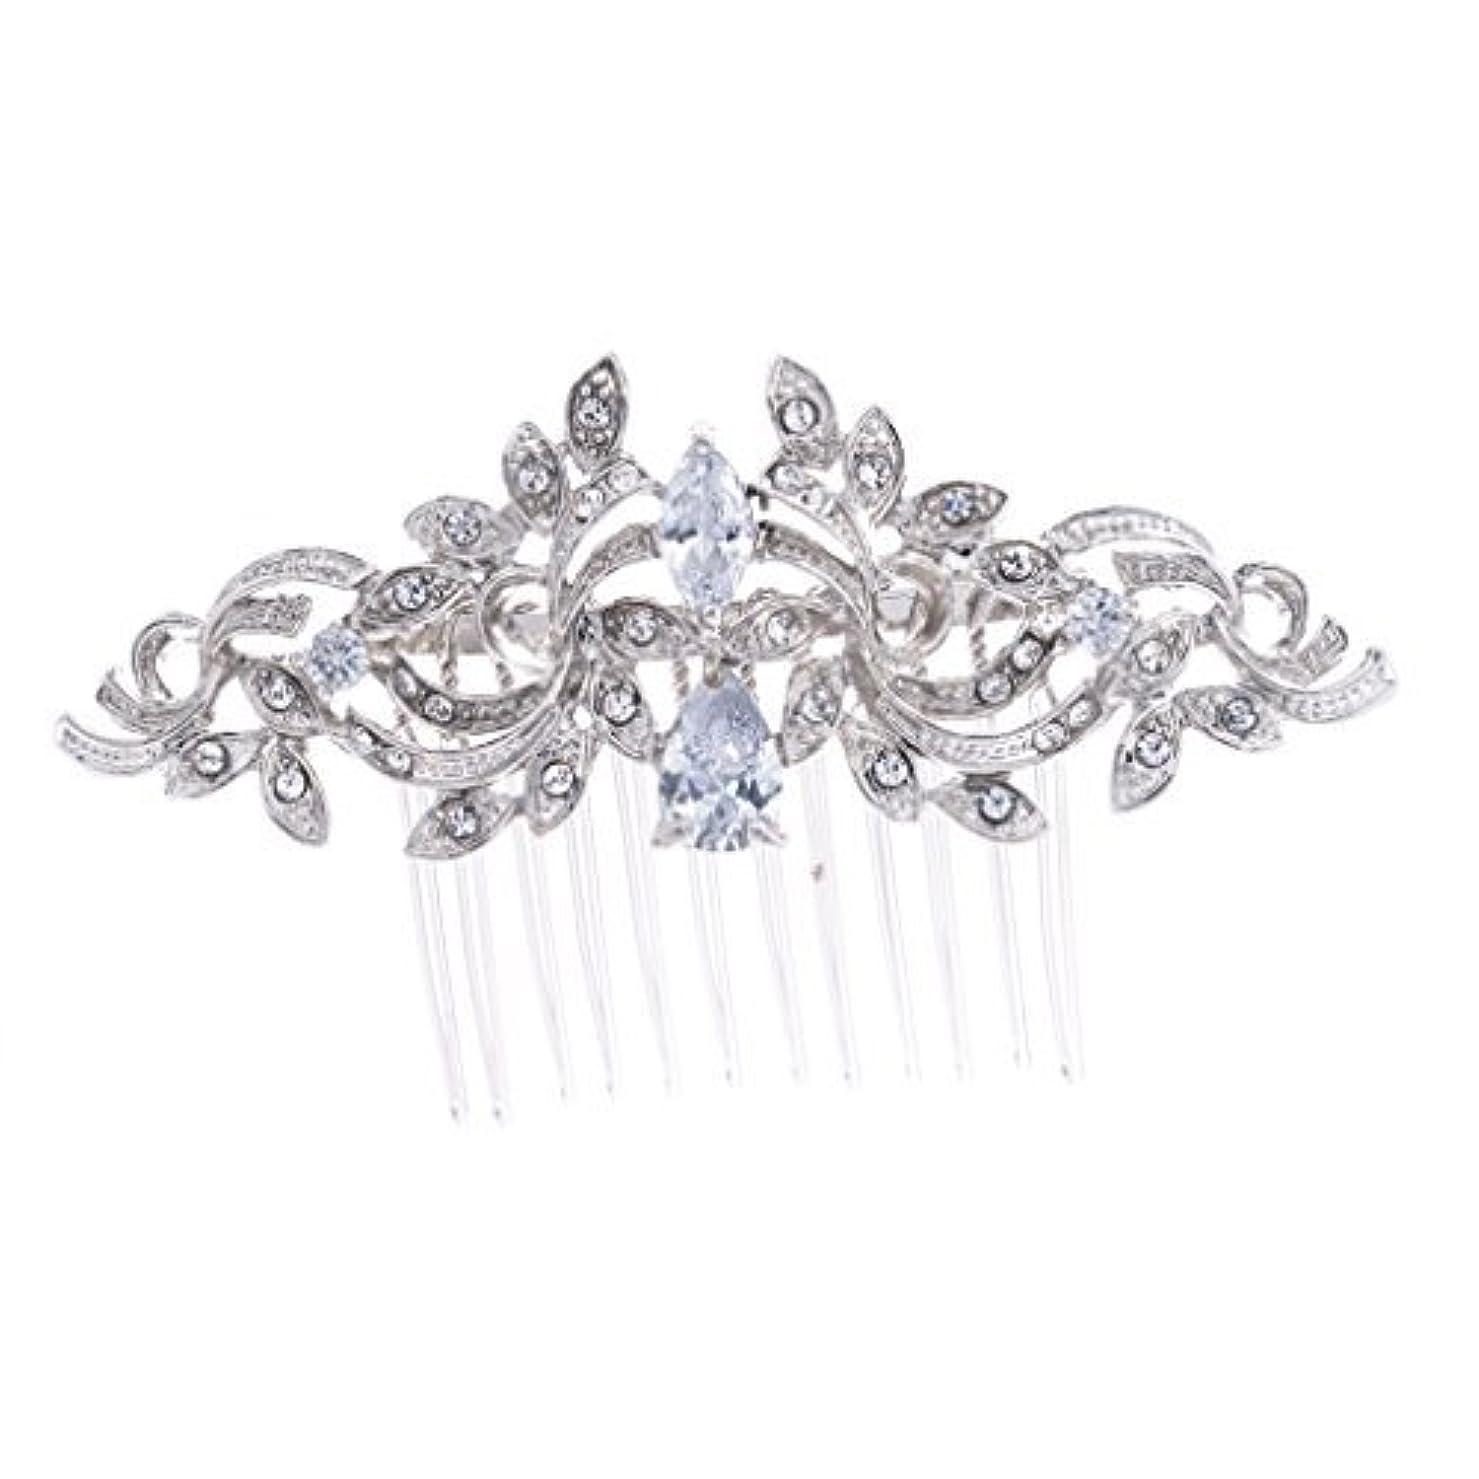 カカドゥきらきら情報SEPBRIDALS Crystal Rhinestone Leaves Hair Comb Hair Pins Bridal Wedding Hair Accessories Jewelry 4012R [並行輸入品]